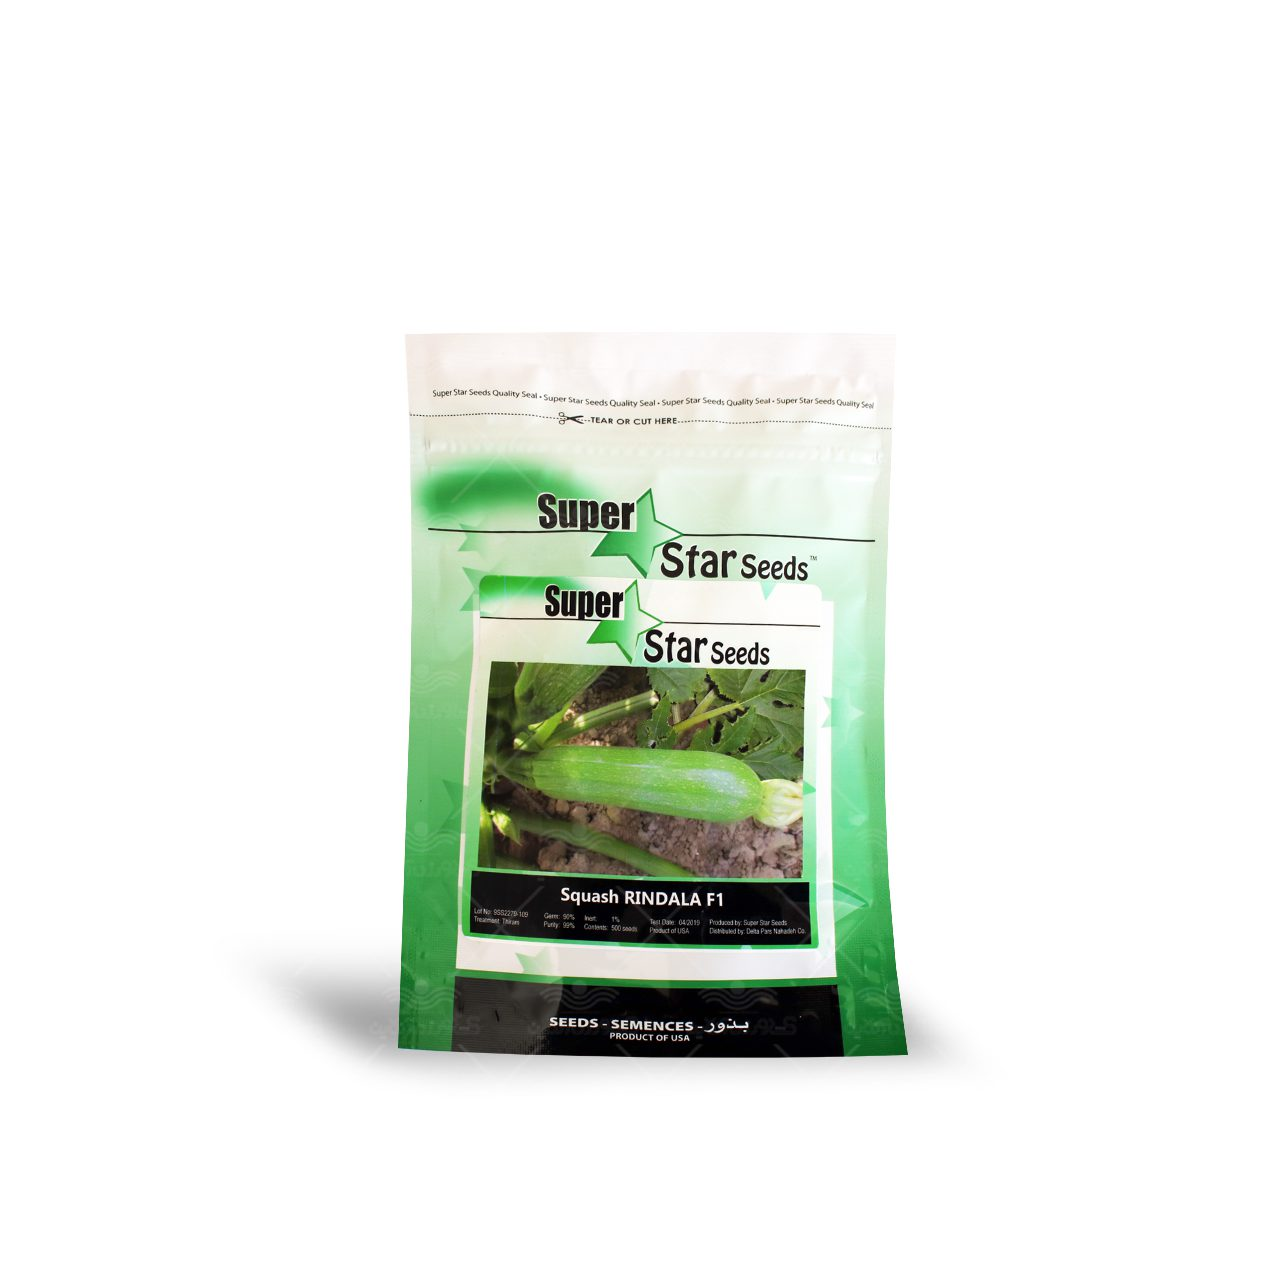 بذر کدو سبز خورشتی هیبرید ریندالا